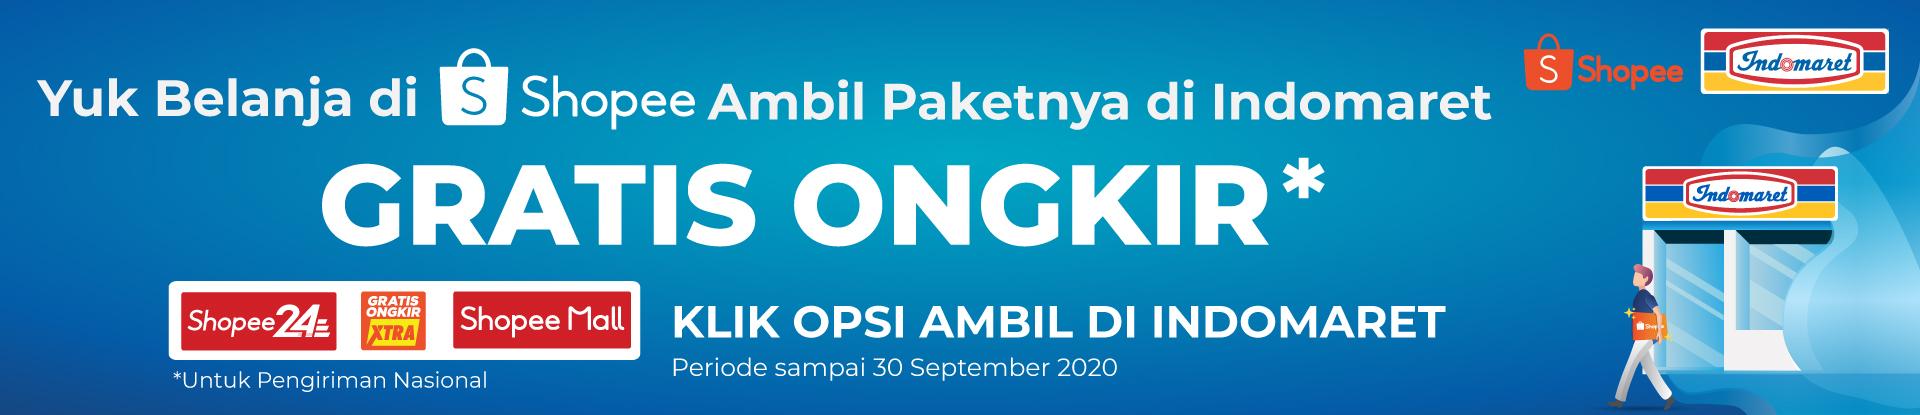 Shopee september 2020